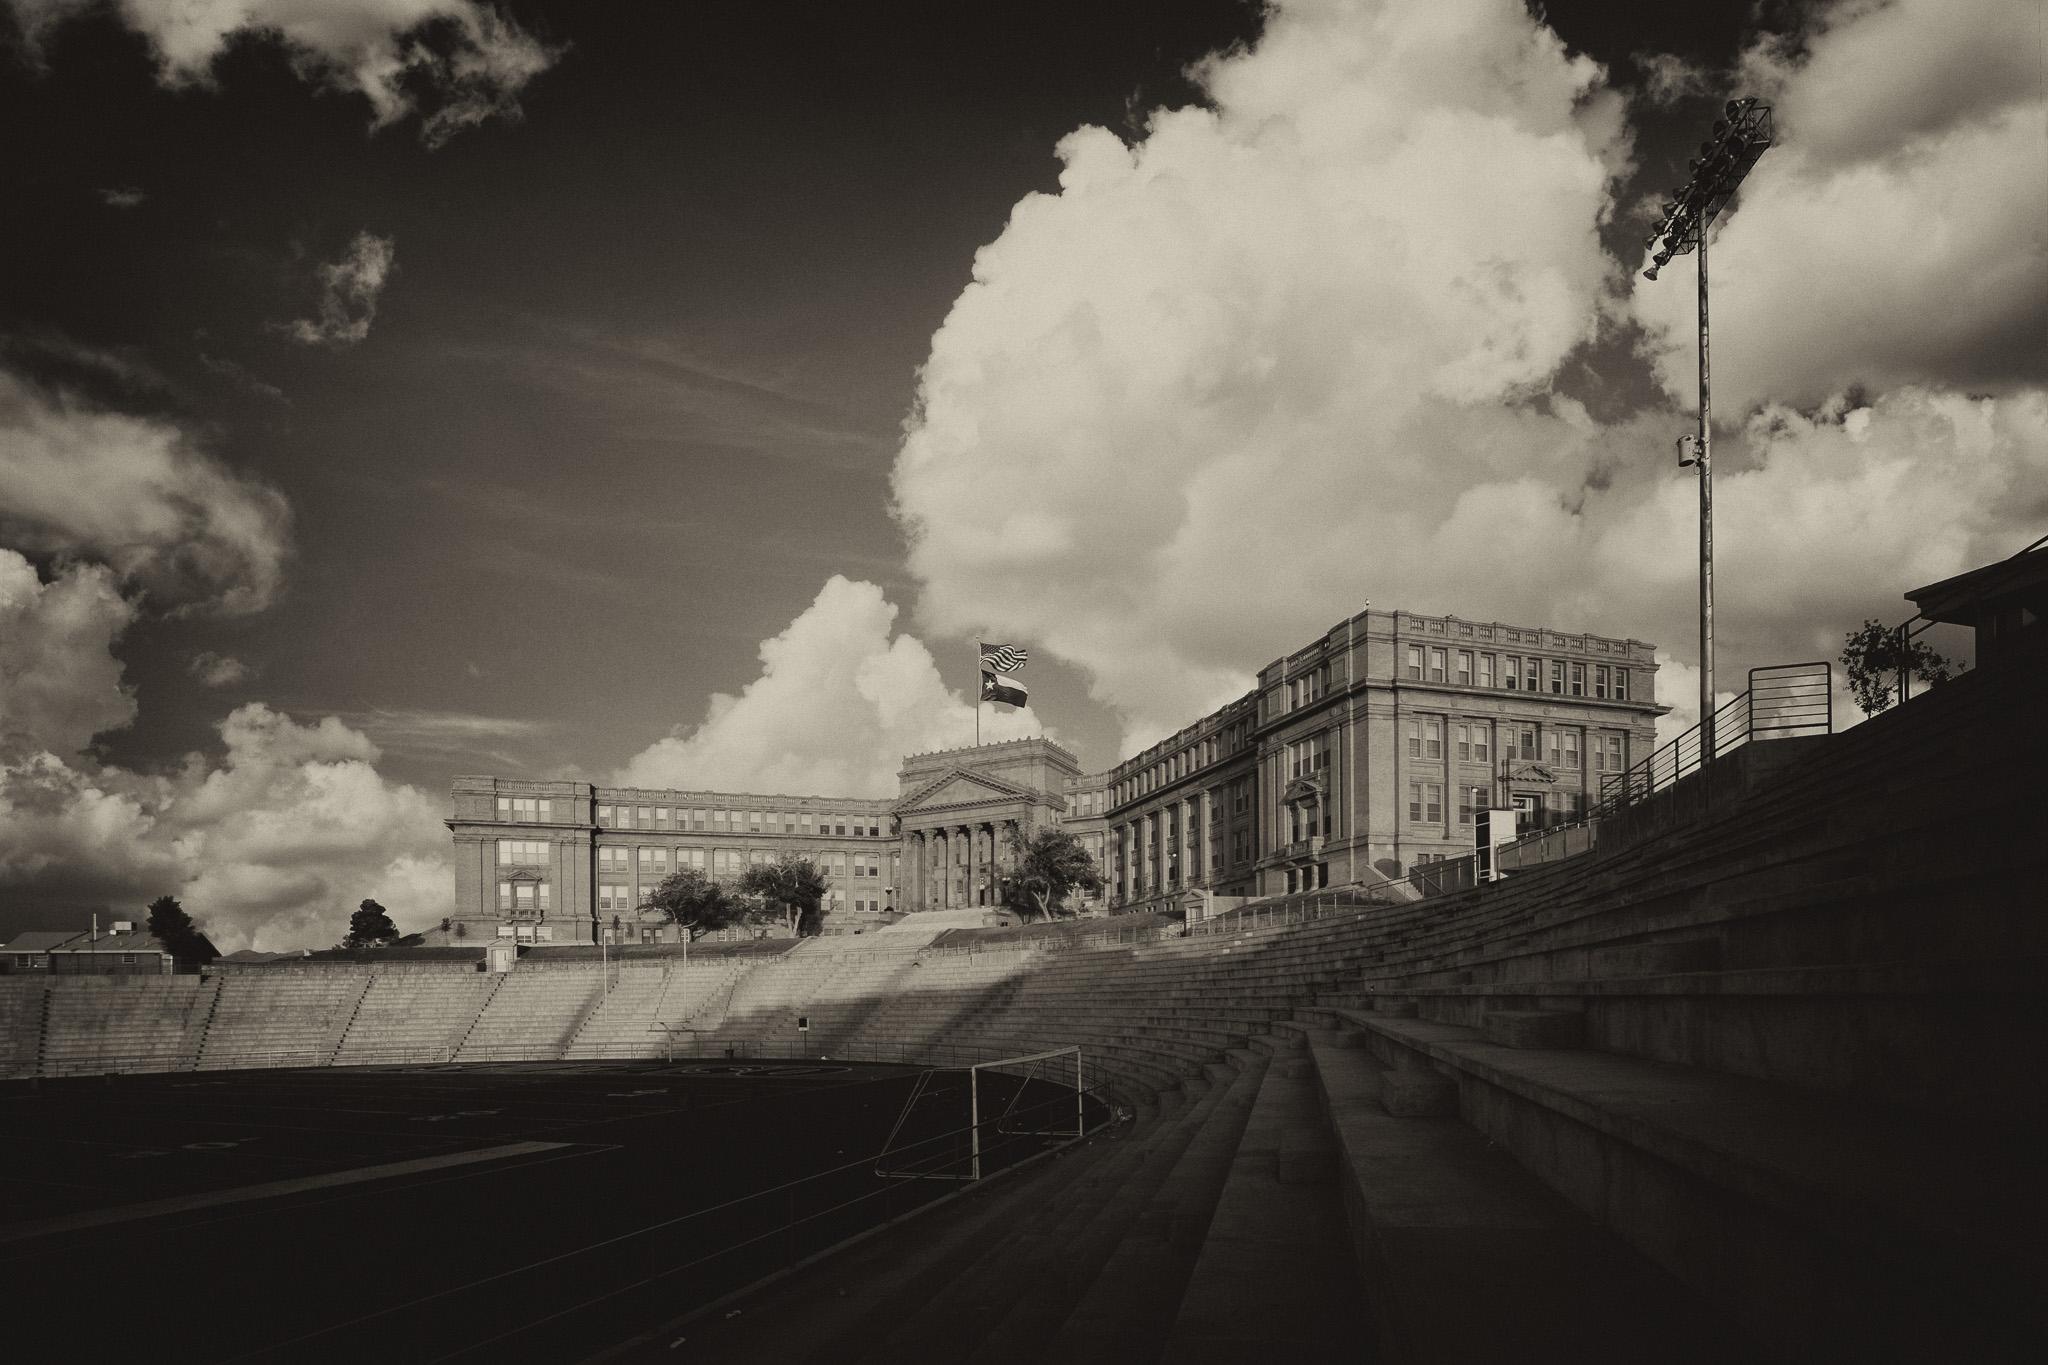 El Paso High School - 2015